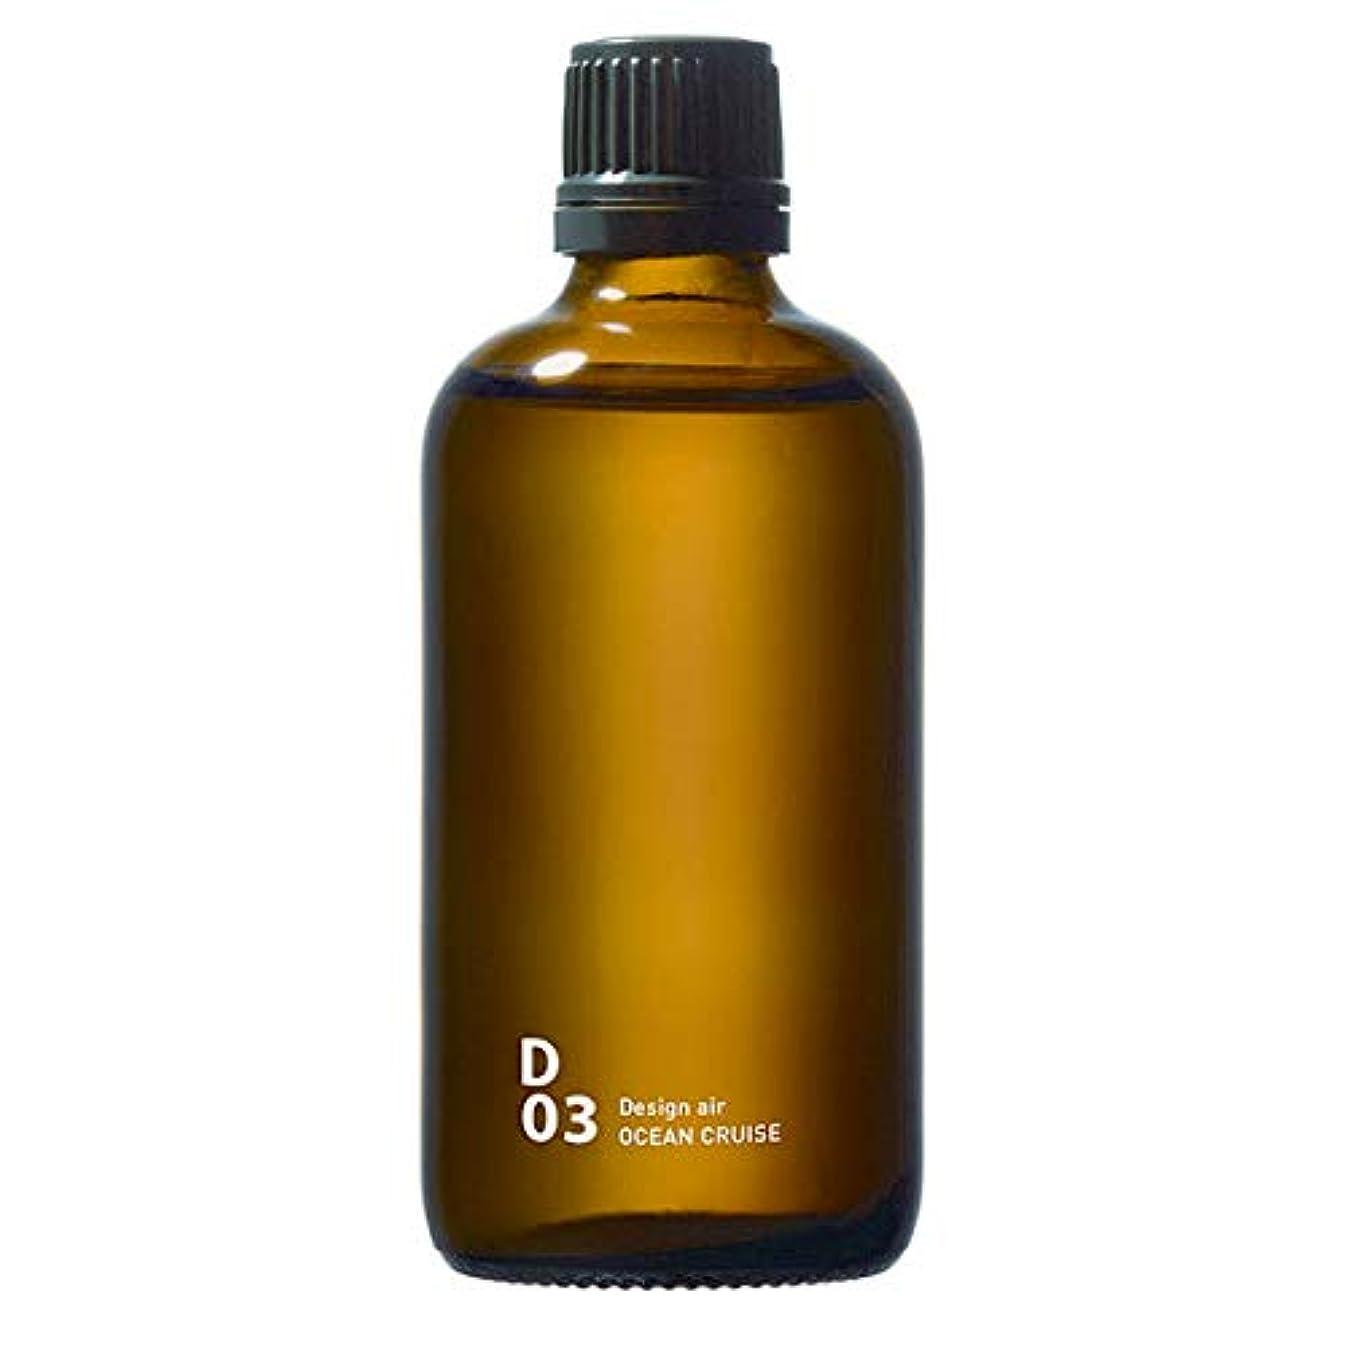 記念日ありふれたペンダントD03 OCEAN CRUISE piezo aroma oil 100ml